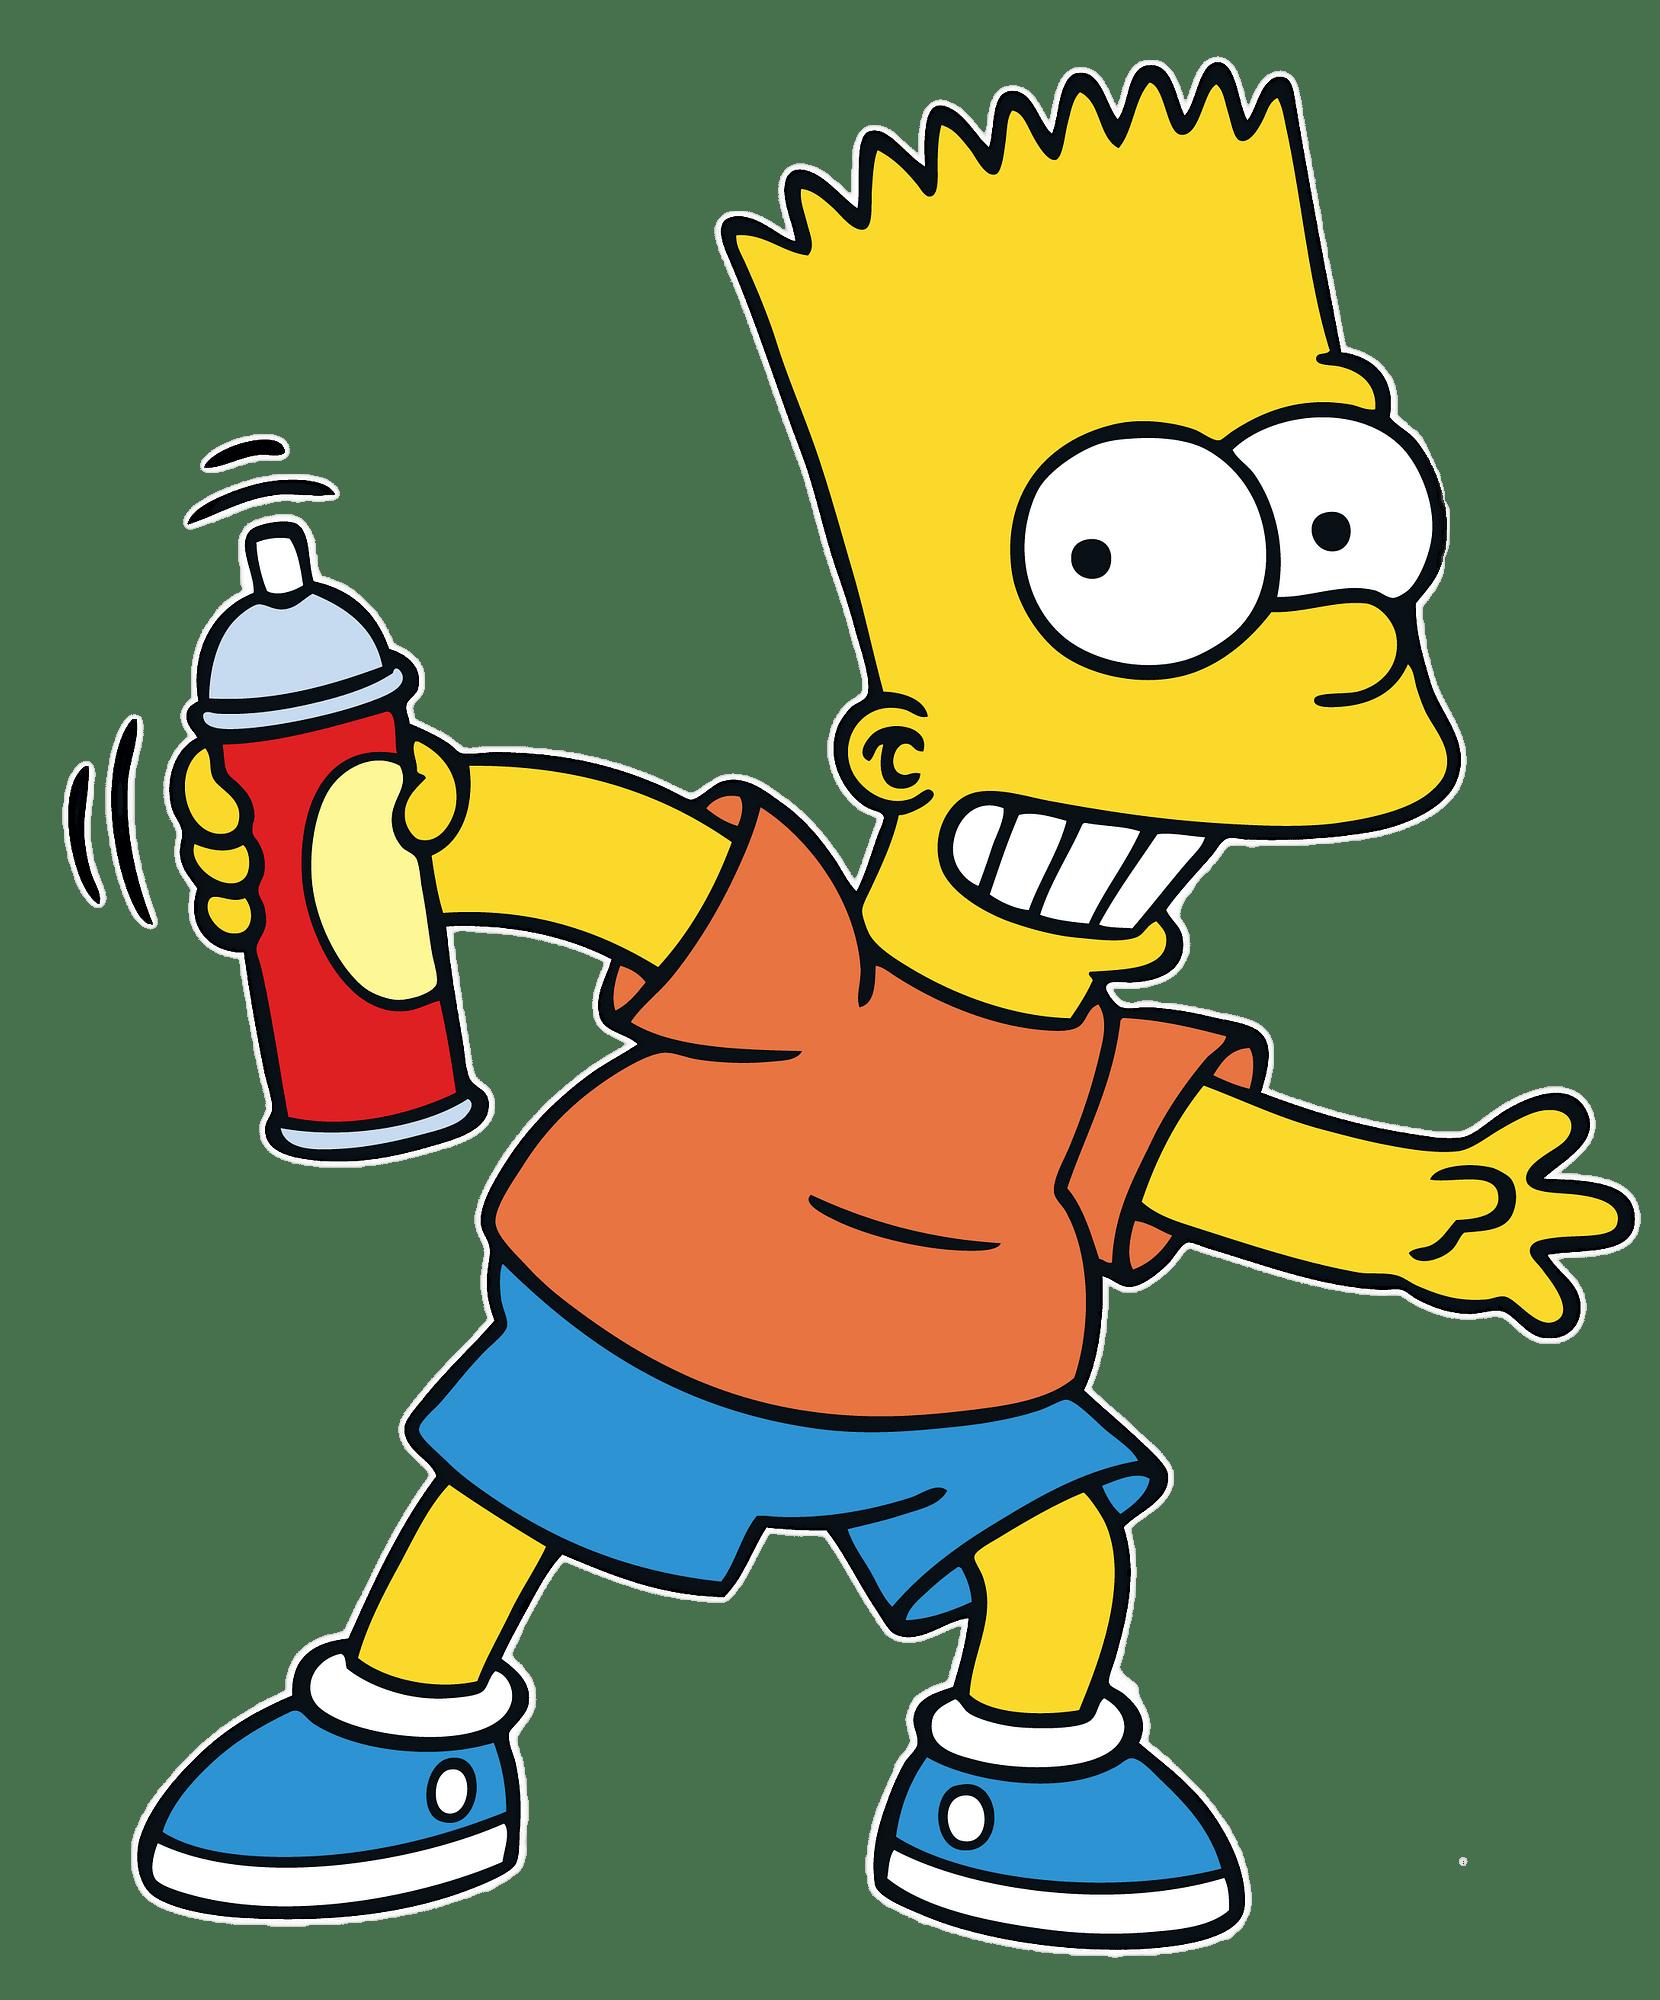 Le sosie de Bart Simpsons 5eb95d0e17f3c600044a2916